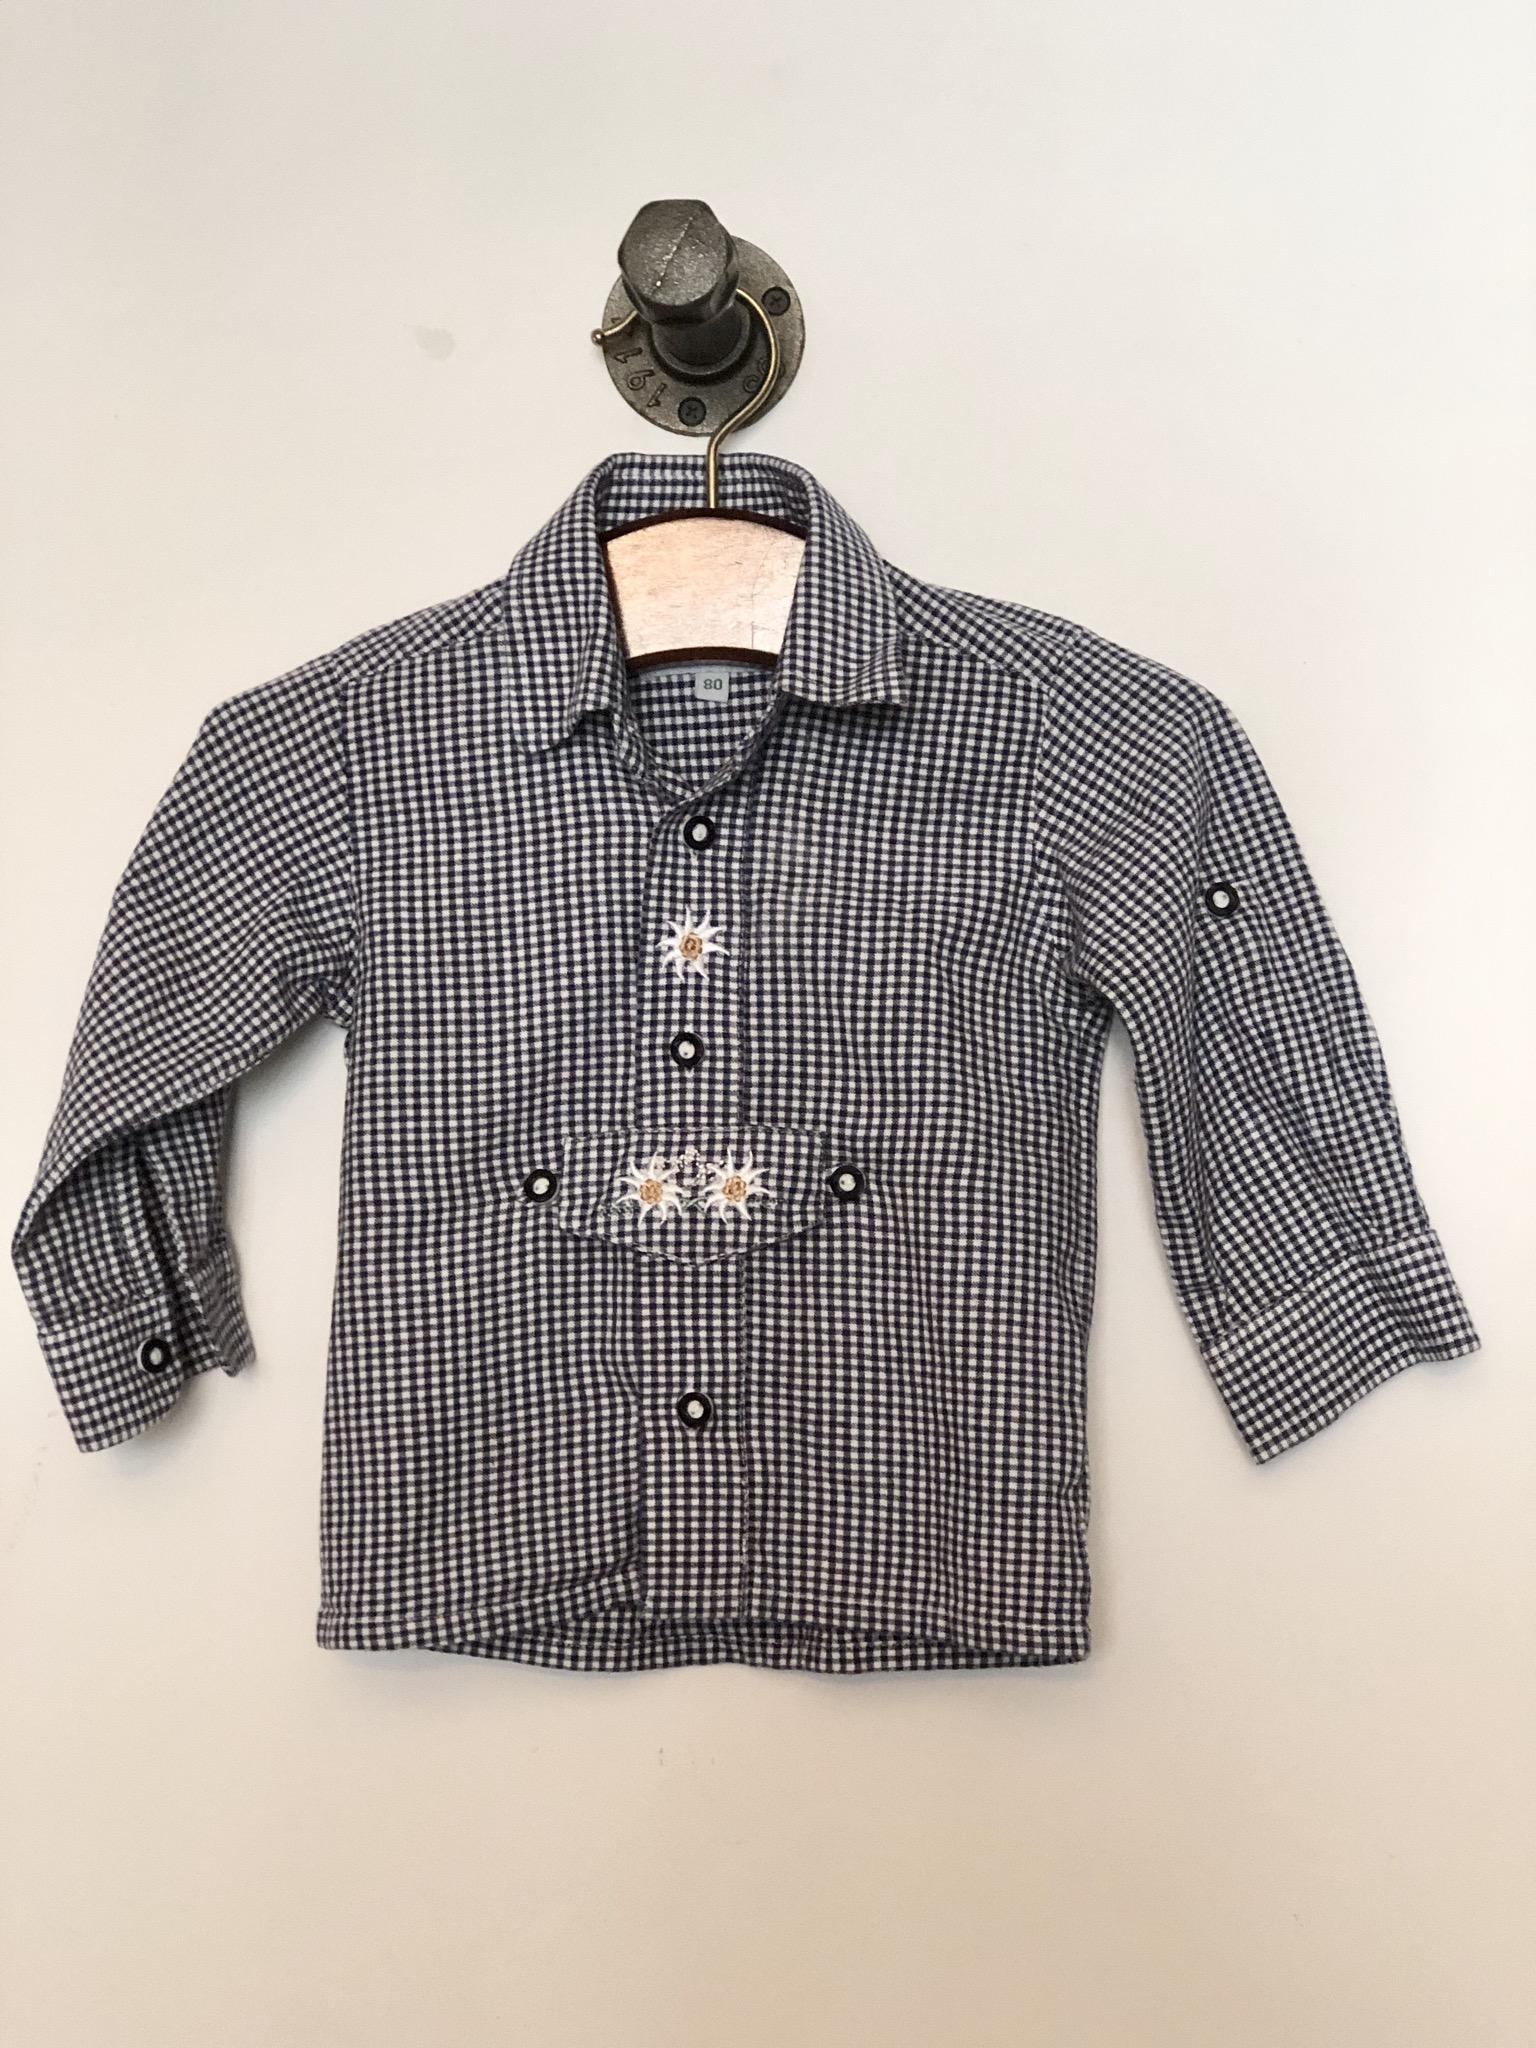 Gr. 80 Isar Trachten Trachtenhemd